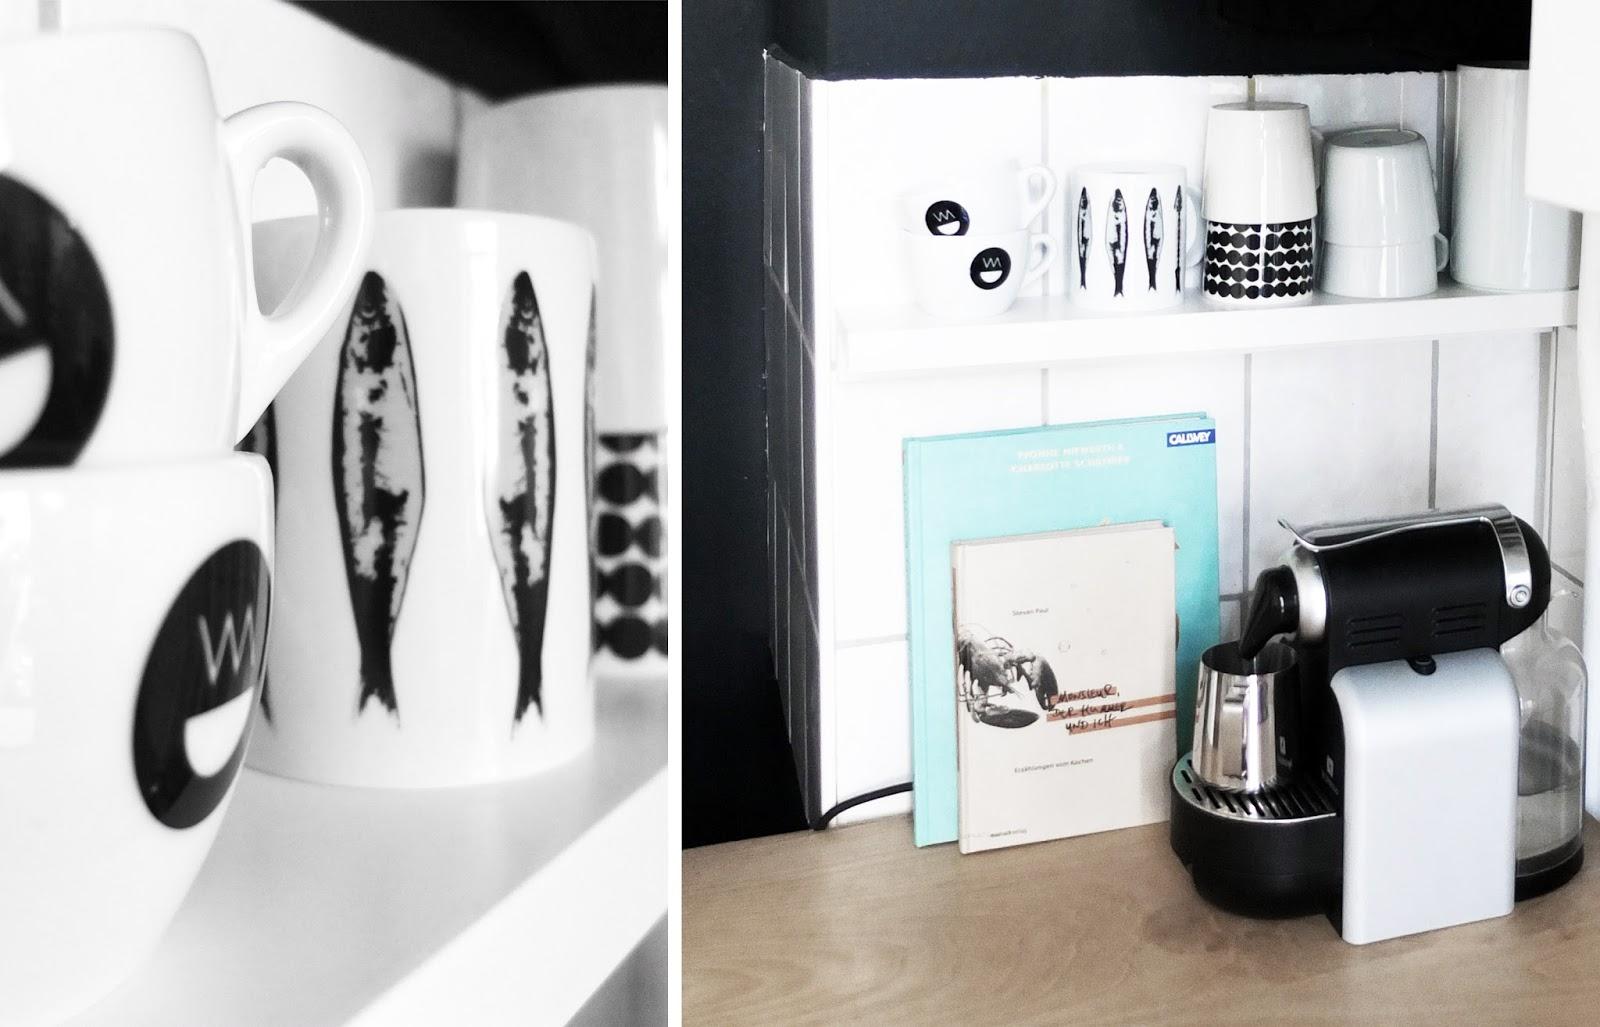 maulwurfsh gelig wohnliches aus der k che. Black Bedroom Furniture Sets. Home Design Ideas